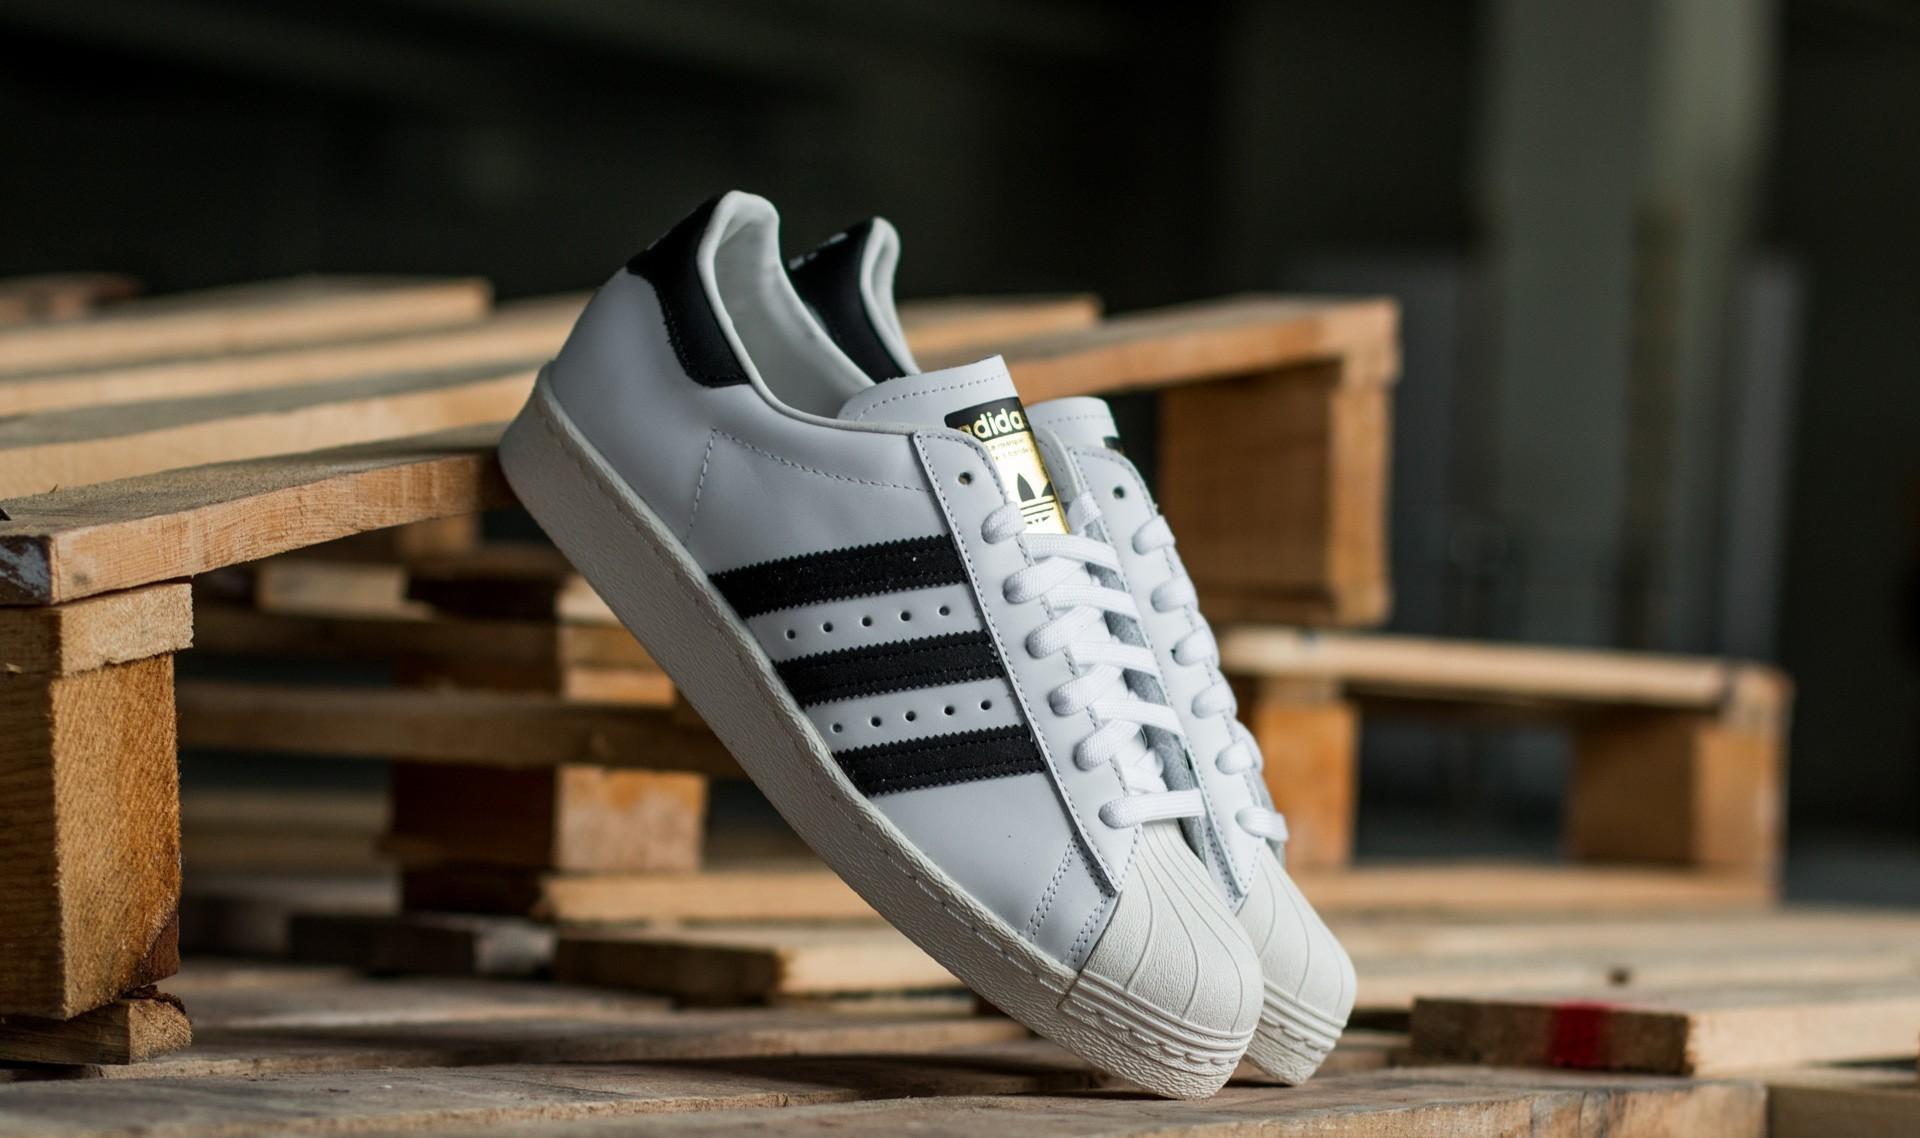 adidas Superstar 80s White/Black1/Chalk2 G61070